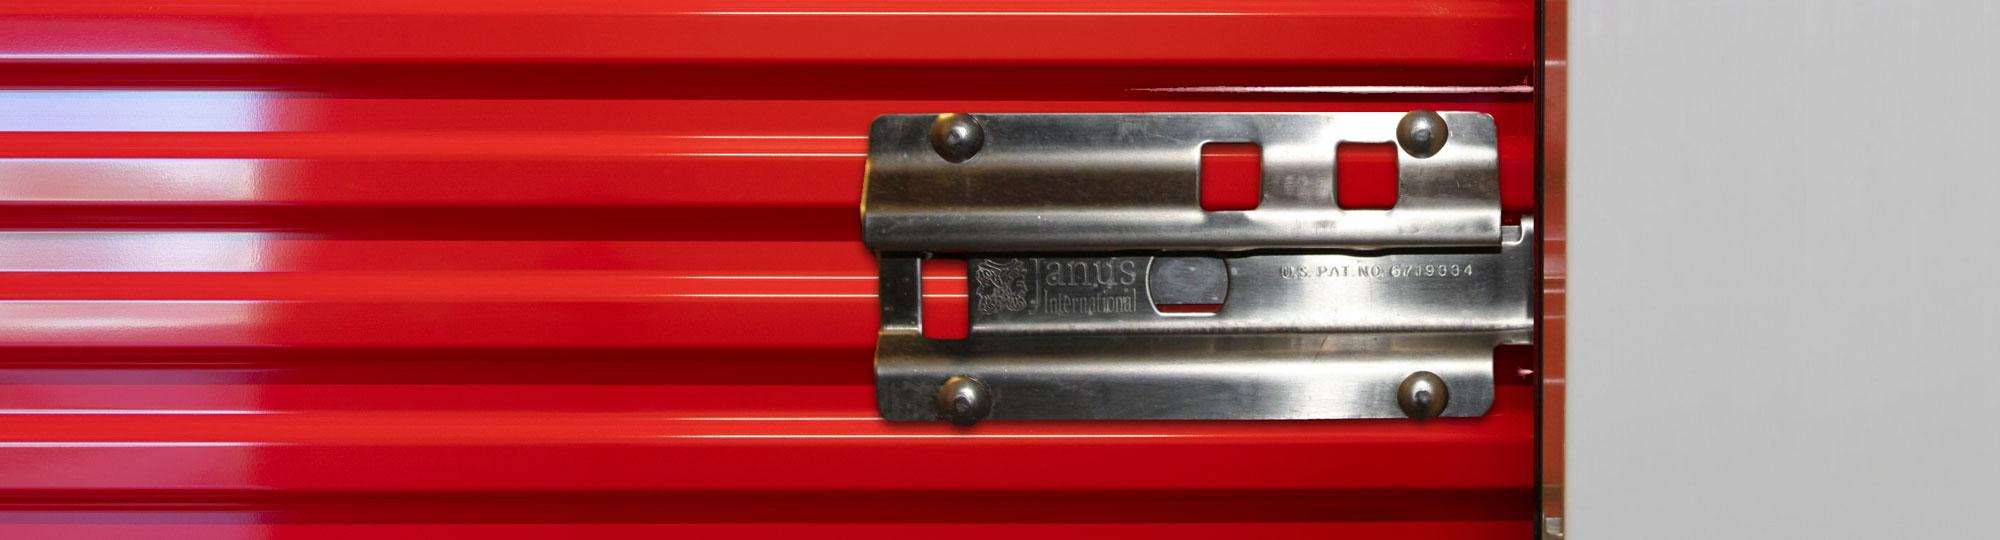 self-storage door latch